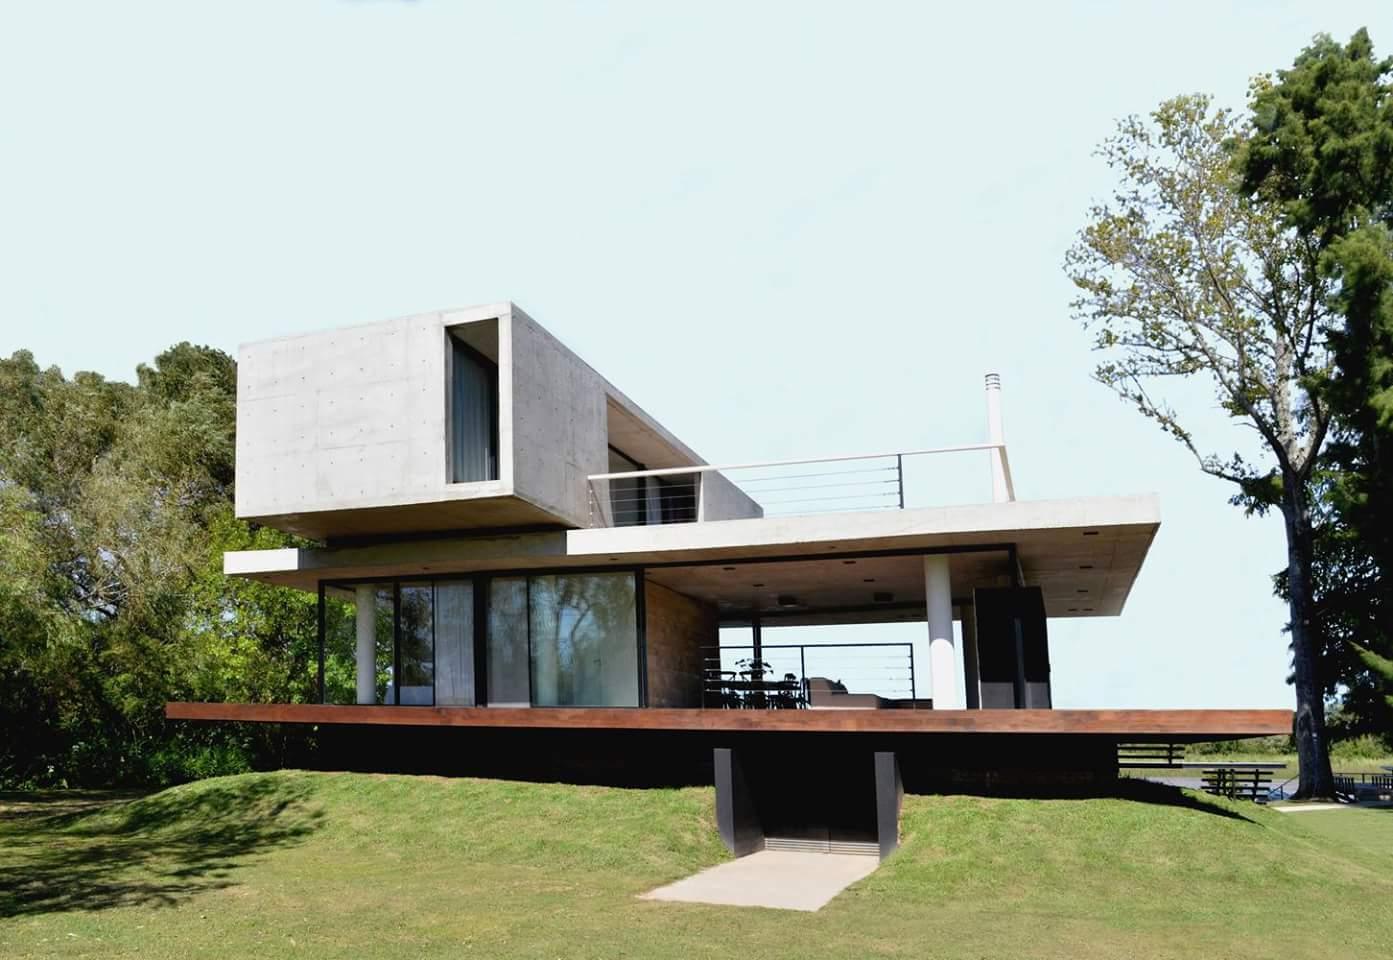 prefab modular beach houses  (18)